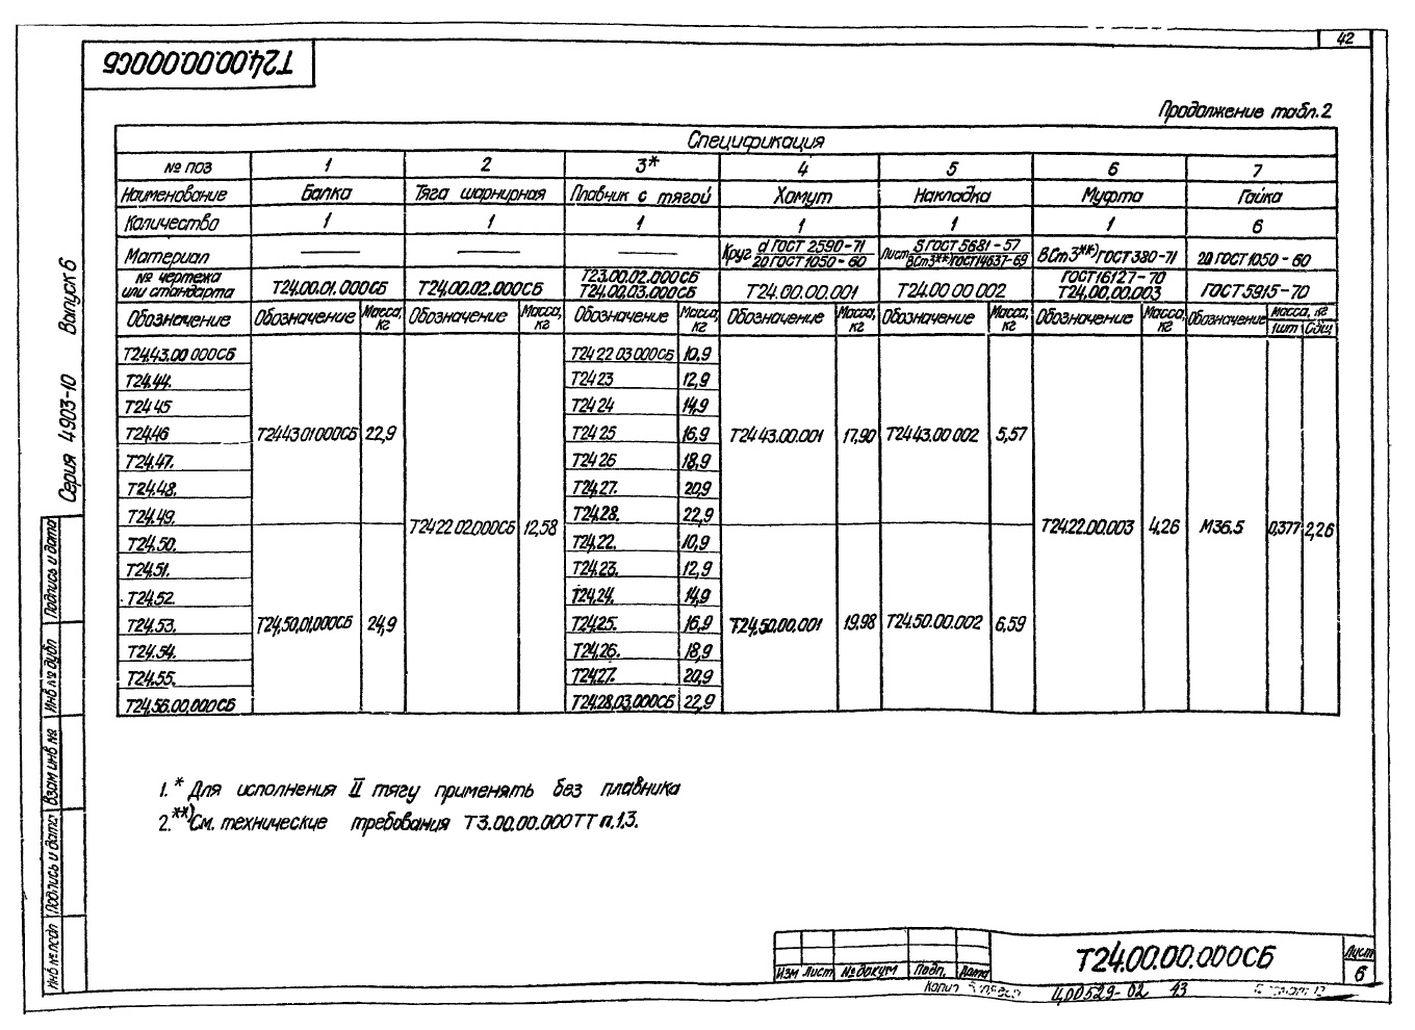 Opora podvesnaya zhestkaya T24 s.4.903-10 vyp.6 str.6